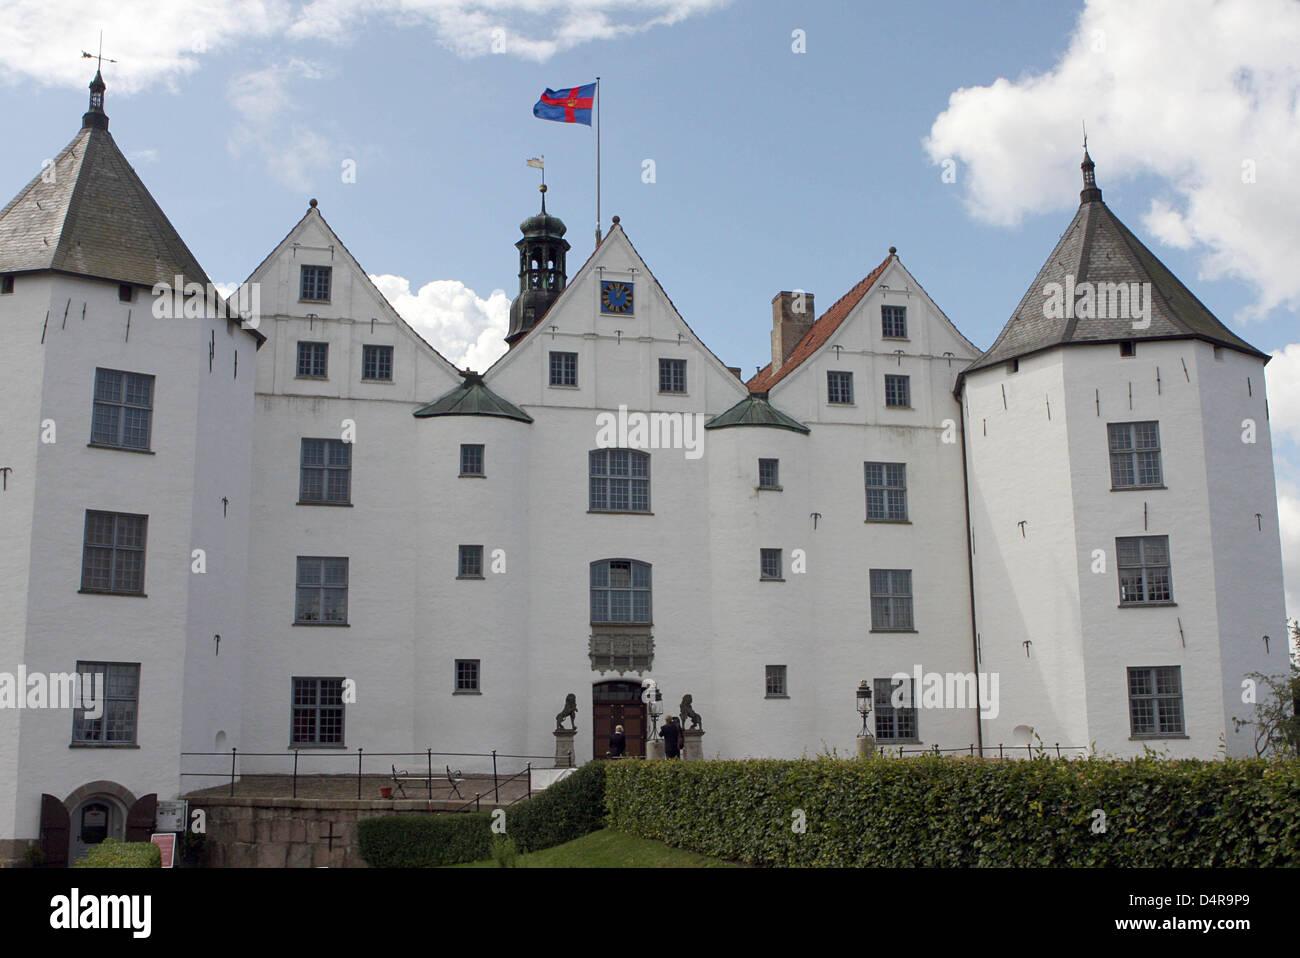 gluecksburg castle is pictured